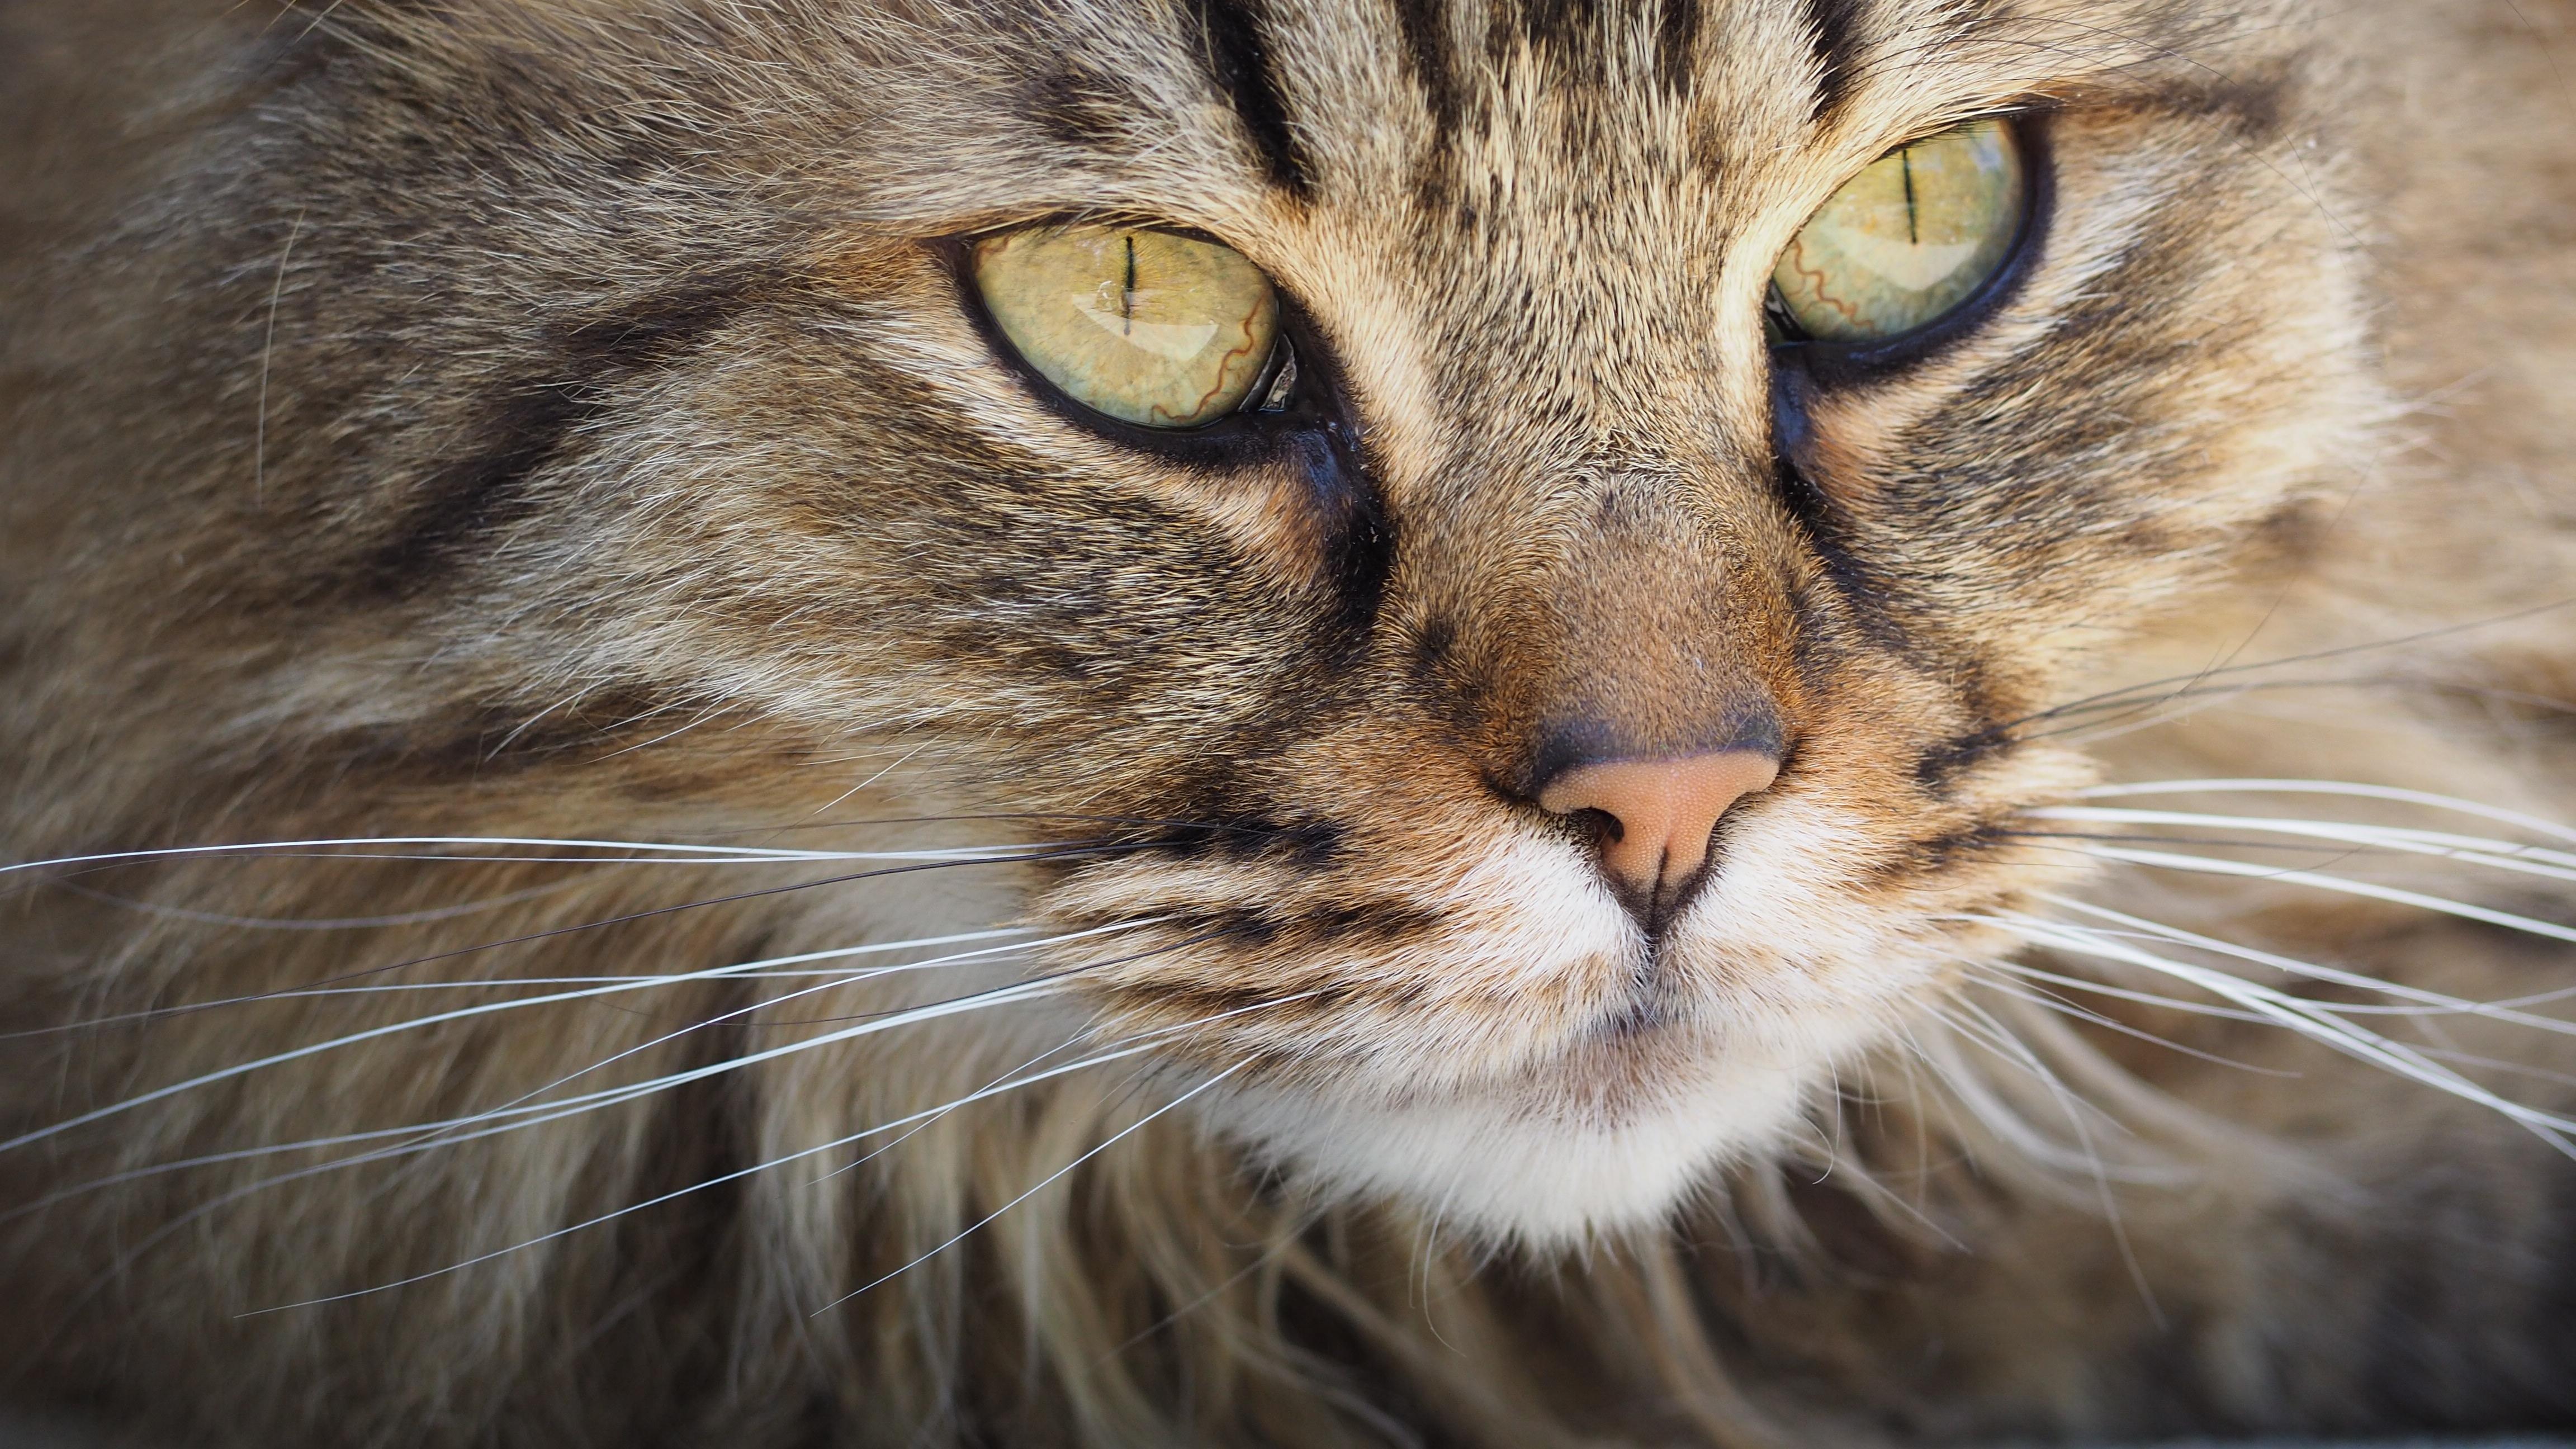 cat-portrait-kitten-cute-128884